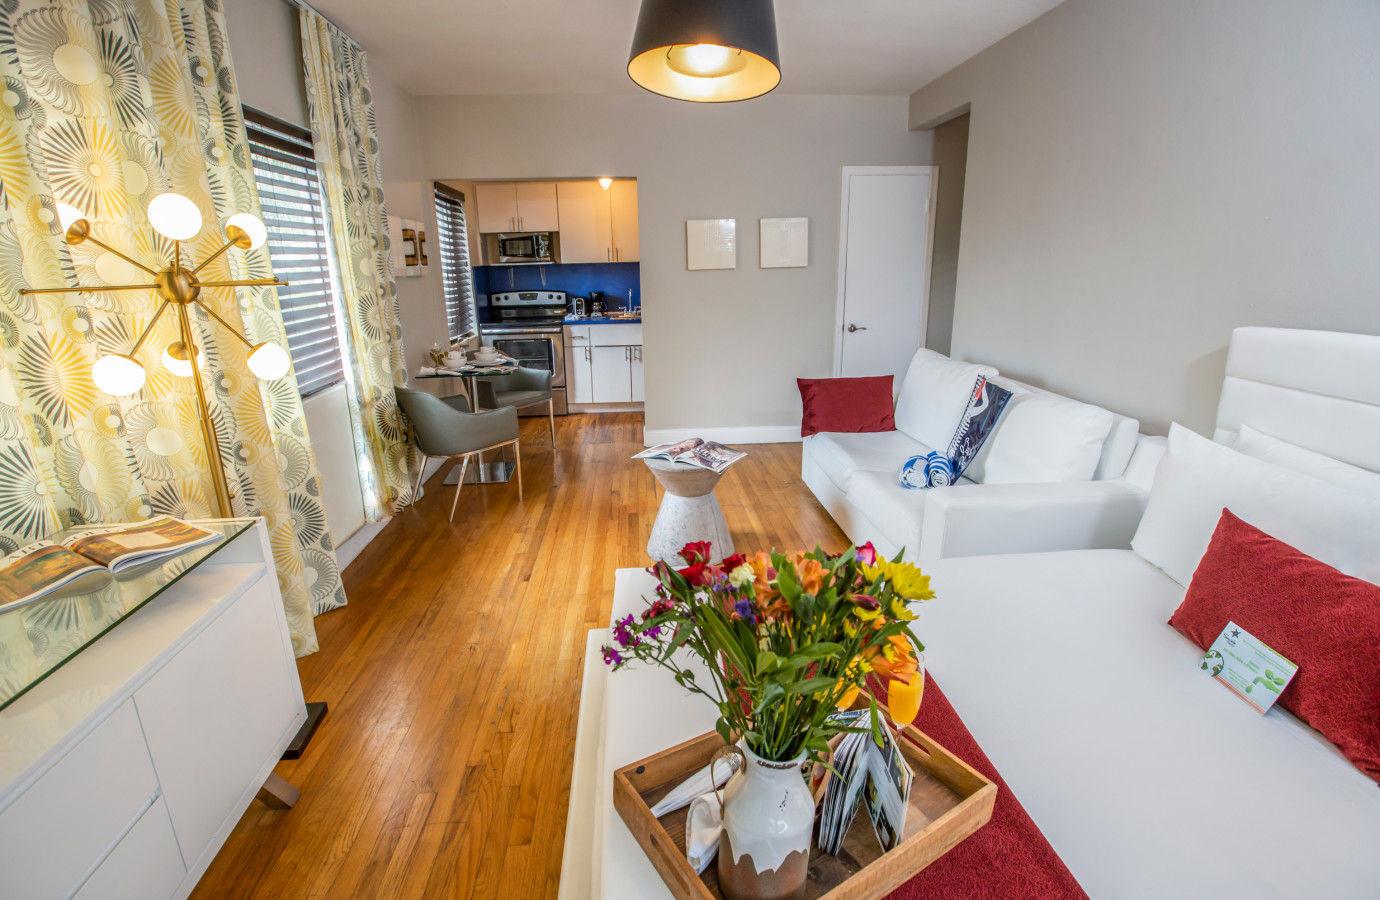 Beachside All Suites Hotel - apartment suites